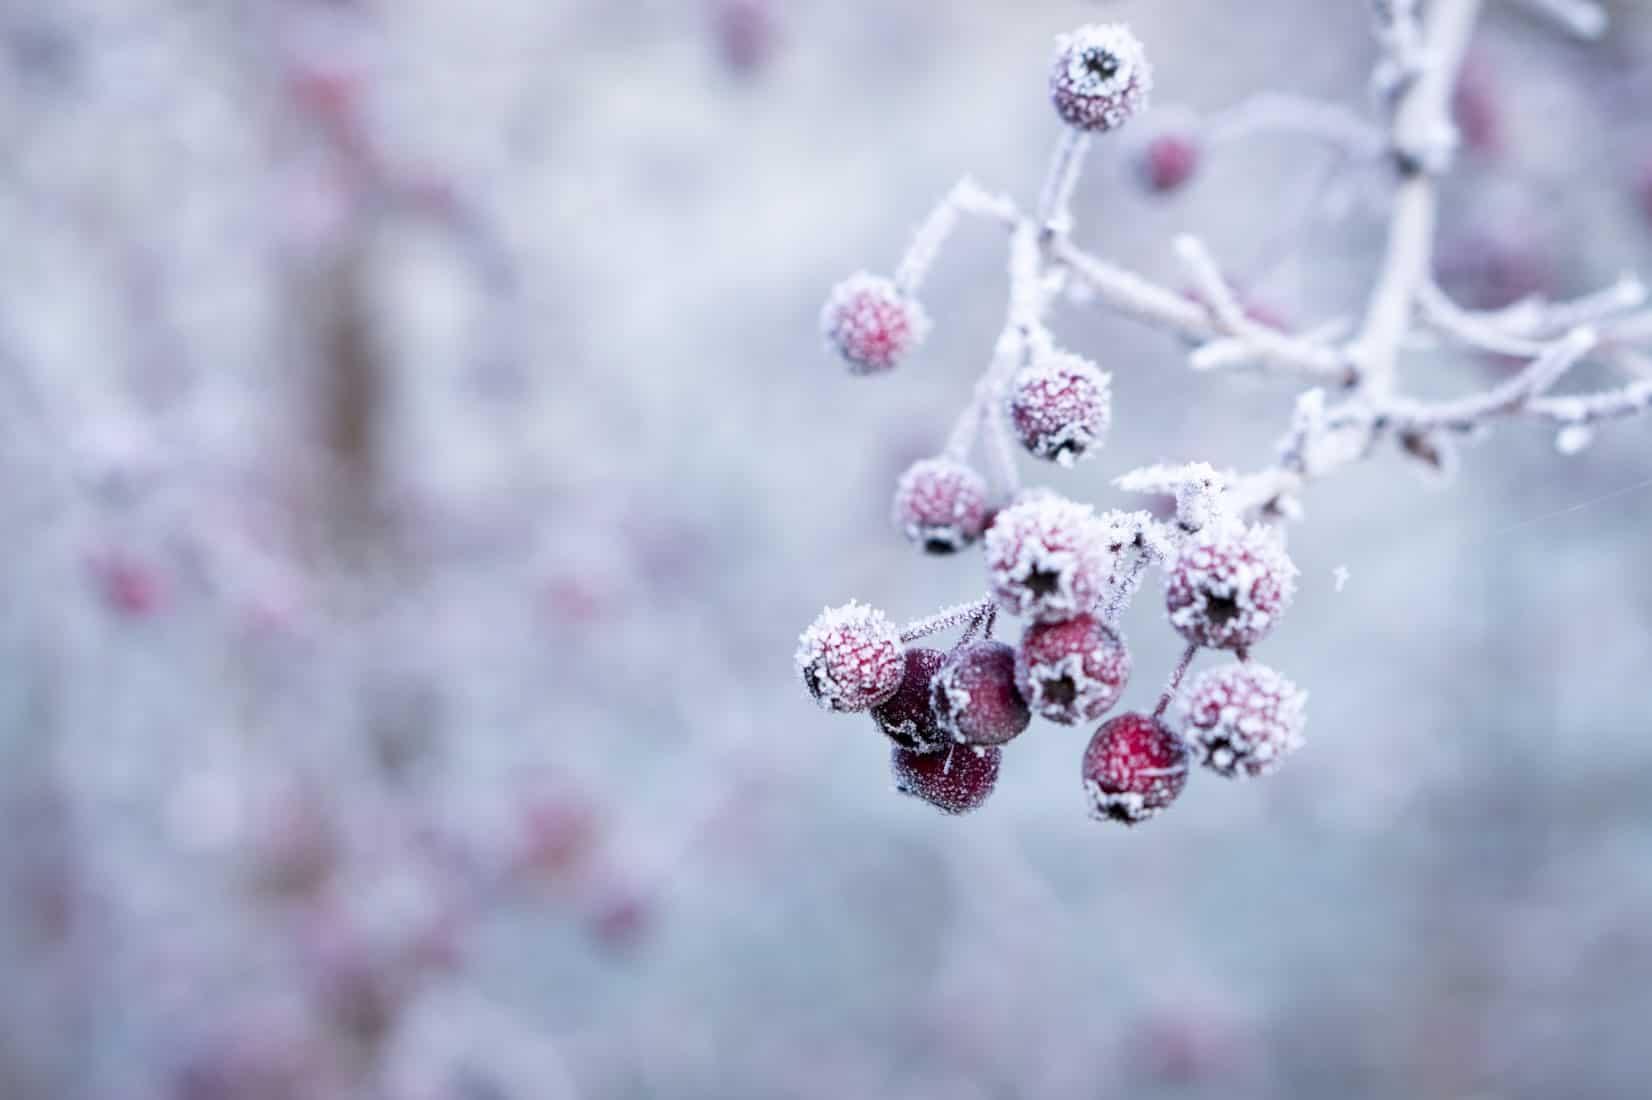 Frozen berries in garden